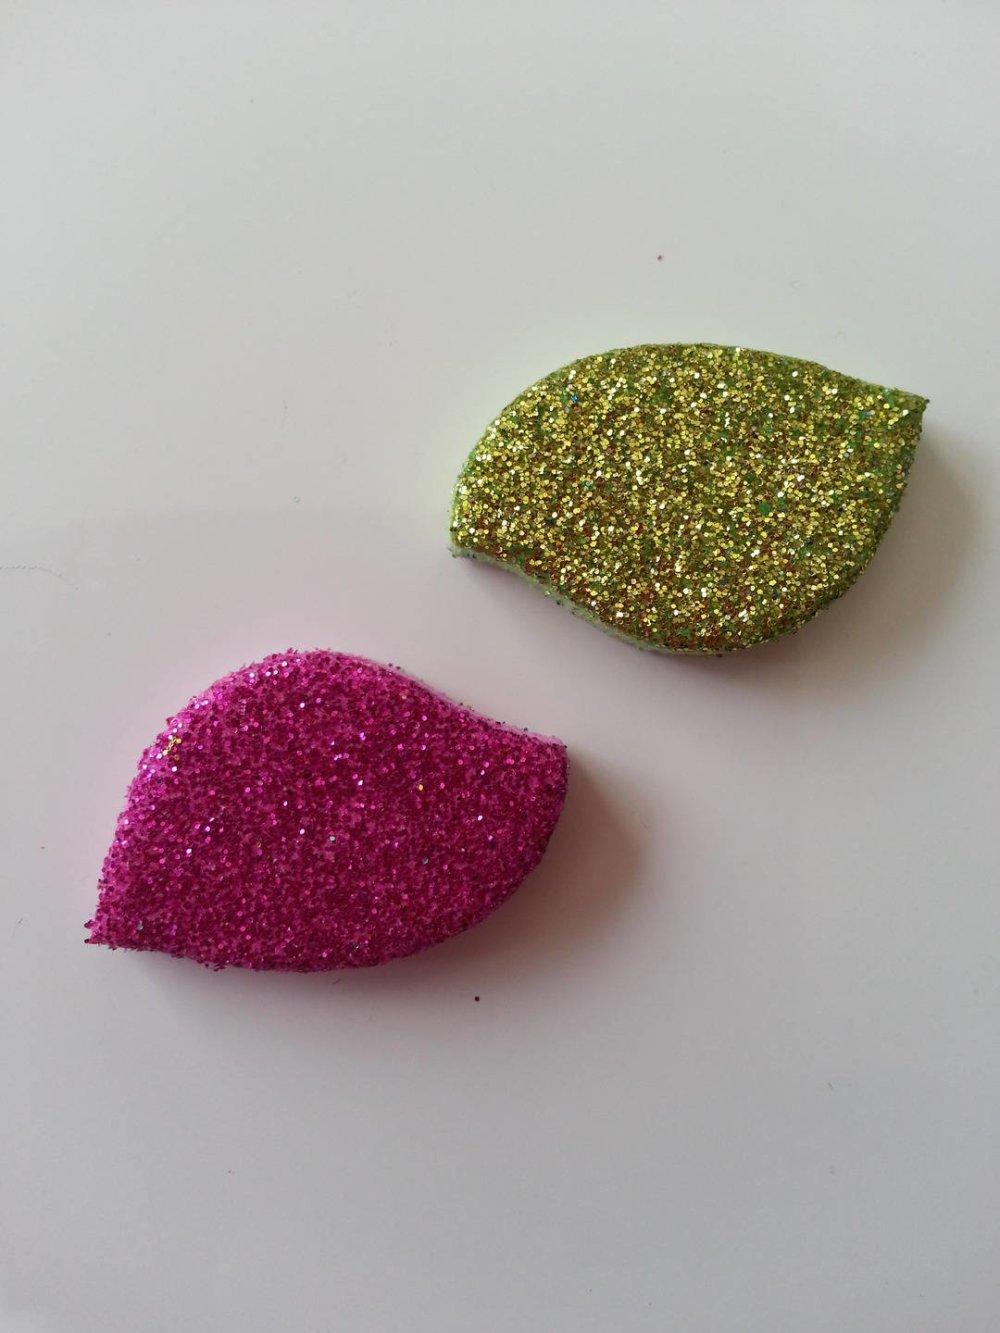 lot de 2 formes  en mousse autocollante rose fuchsia et vert   pailleté  30*20mm